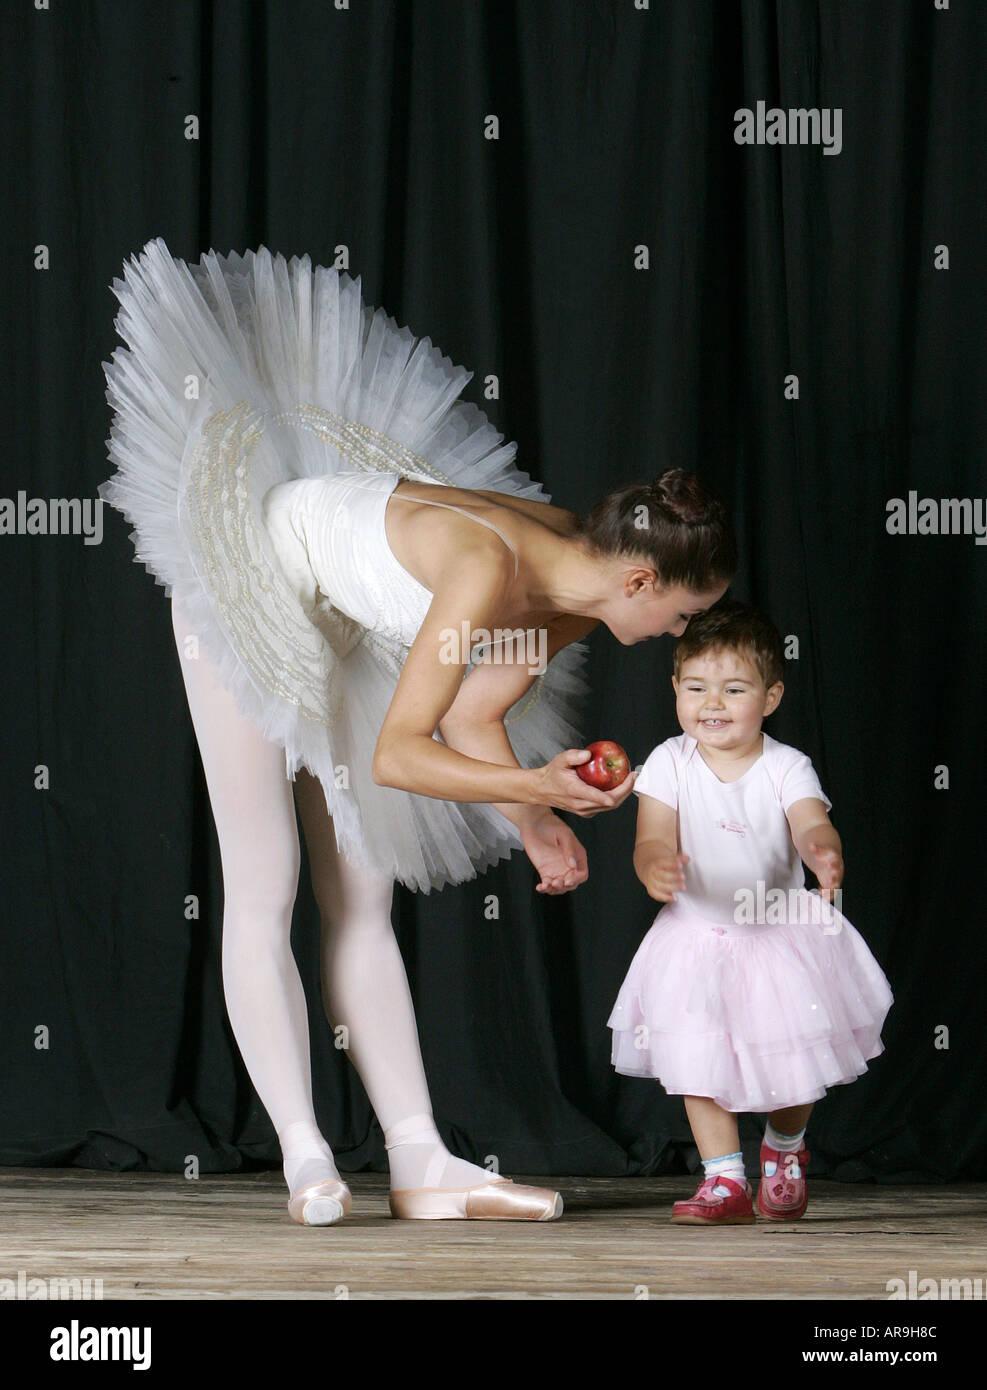 eed2a22014f9 ersten Ballett Lektion Prima Ballerina Tänzerin Schauspielerin Bühne Baby  Mädchen Baby Kind Kinder studieren Lehrer Leistung Nationalballett